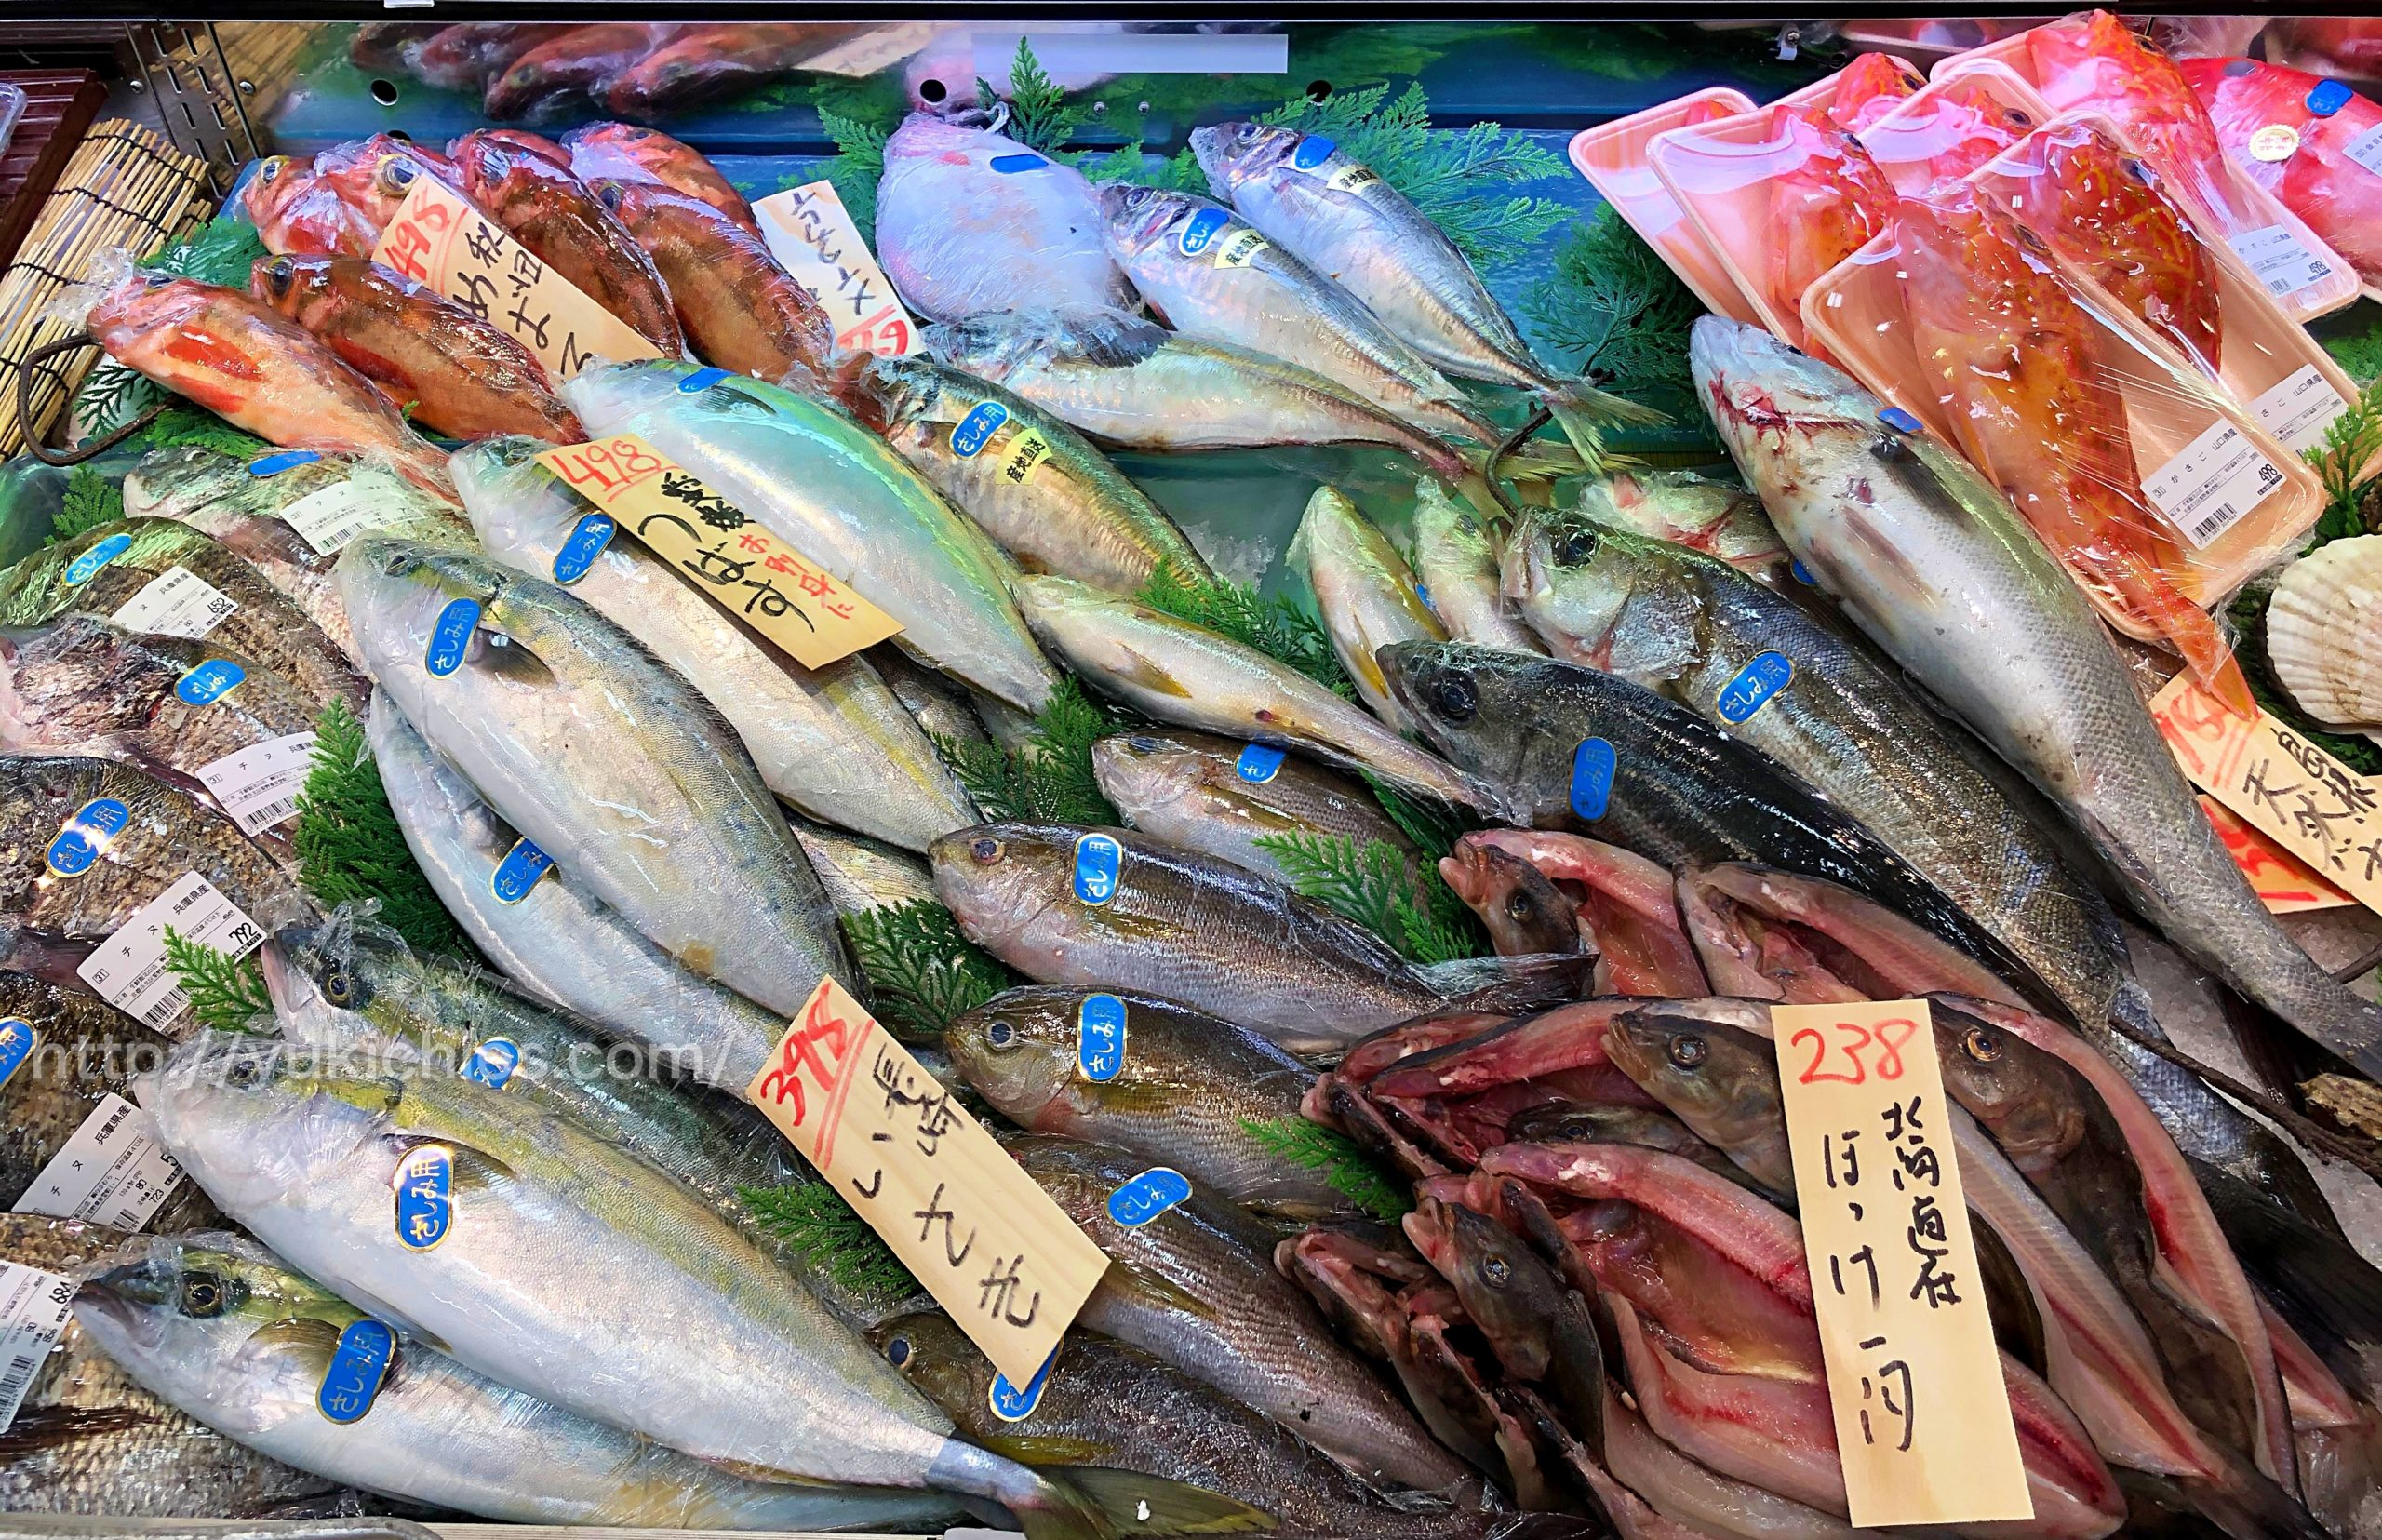 スーパの新鮮食品 魚屋さん つばす・メバル・チヌ・ほっけ・鯛